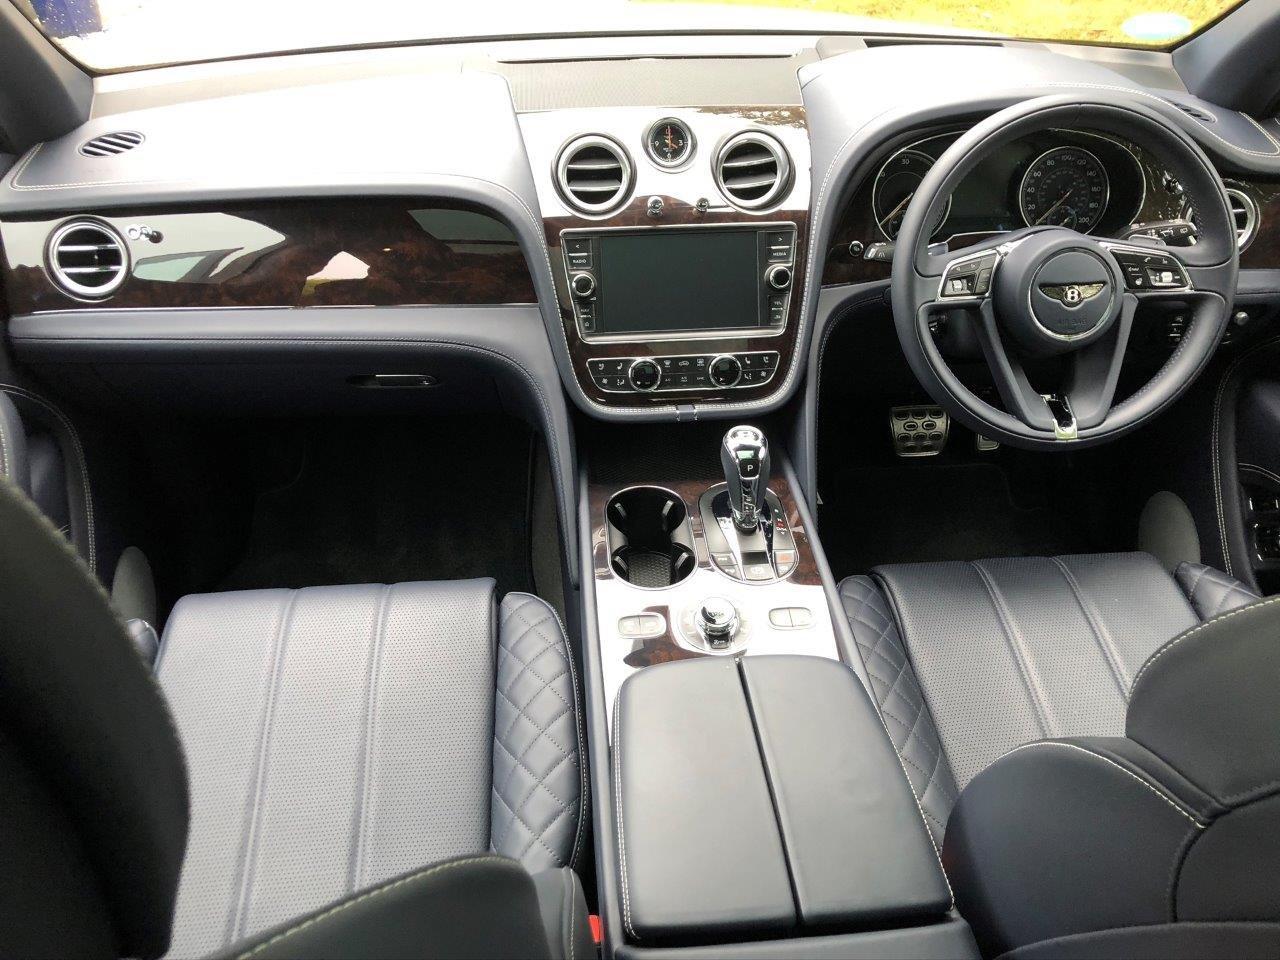 2017 Bentley Bentayga V8 Diesel 435bhp / 900nm torque For Sale (picture 6 of 6)